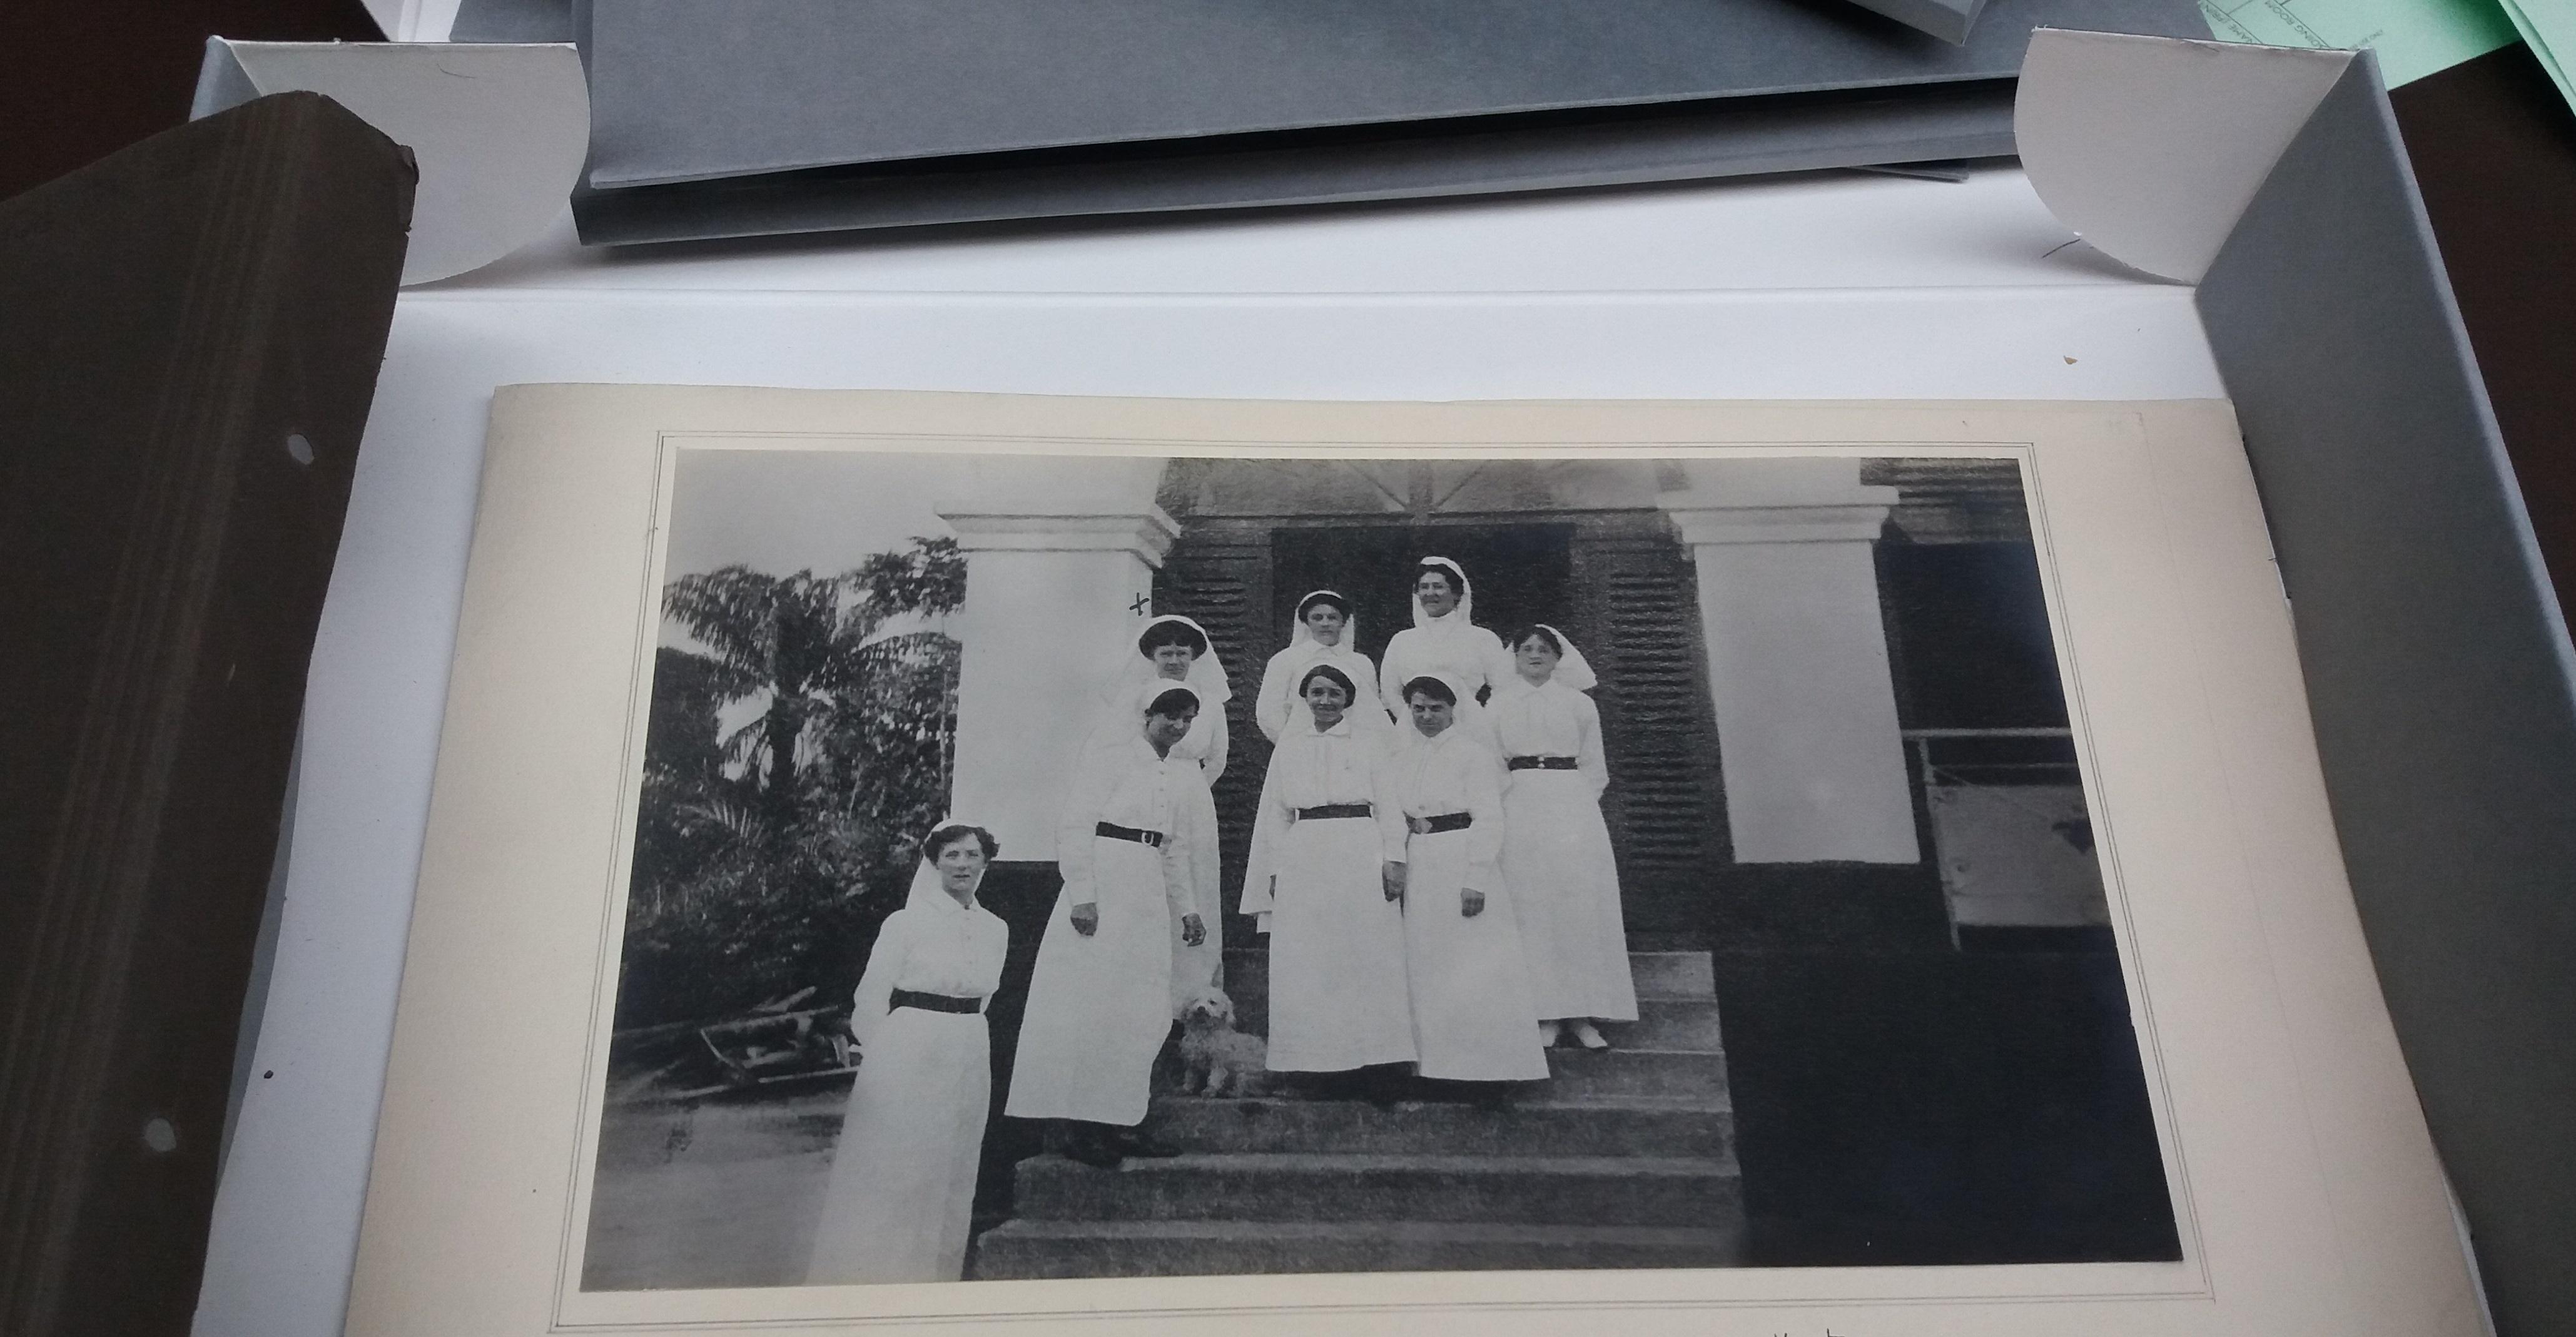 בתמונה: קבוצת אחיות בריטיות בקמרון (Cameroon) בשלהי מלחמת העולם הראשונה, ארכיון ארגון האחיות האימפריאלי, הספריה הבודליינית, אוניברסיטת אוקספורד.